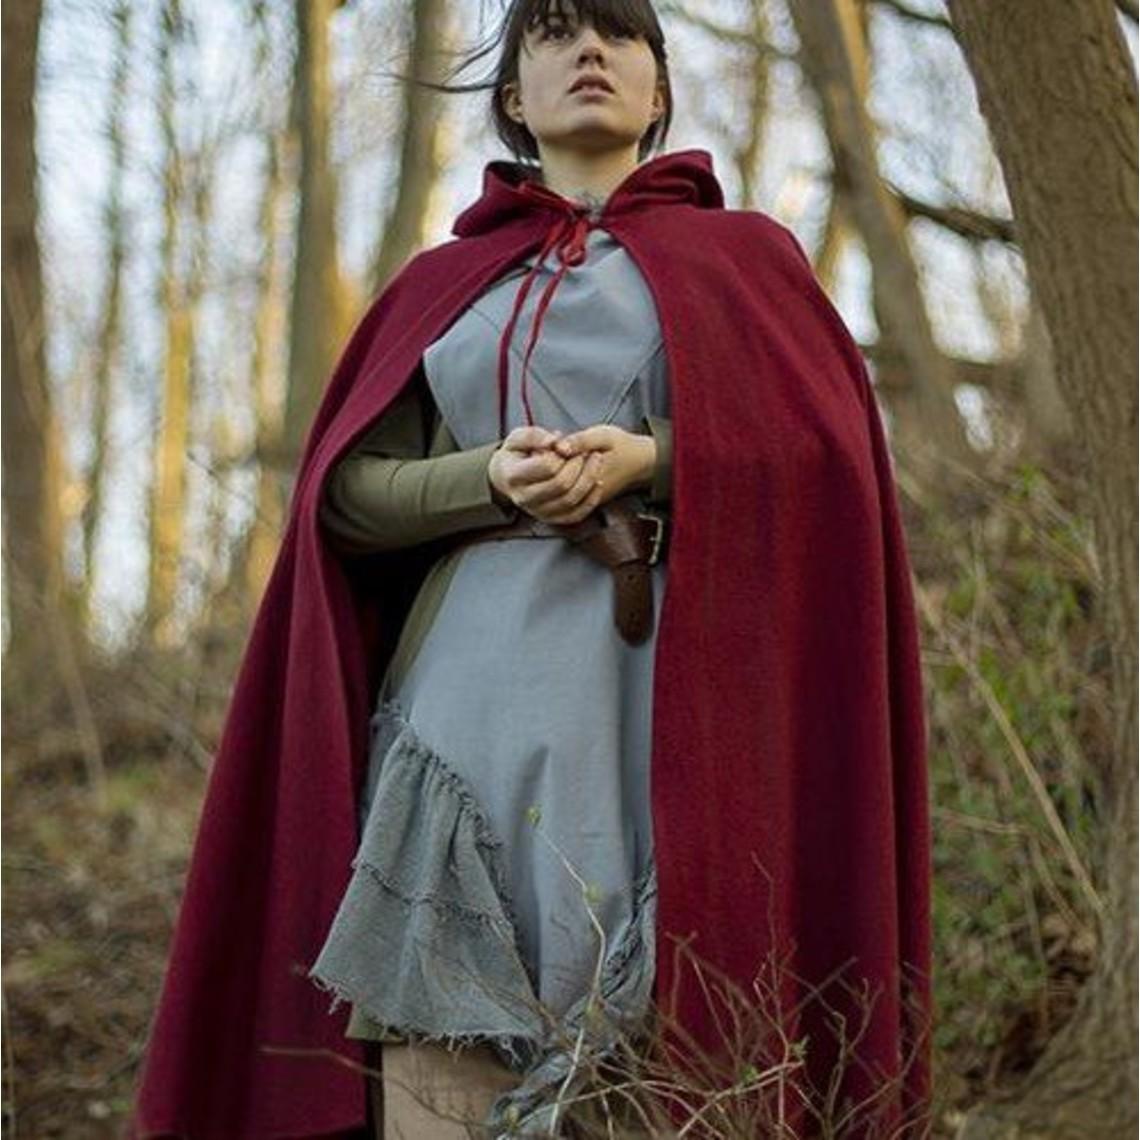 Epic Armoury Capa de lana con capucha, 100% de lana, de color rojo oscuro